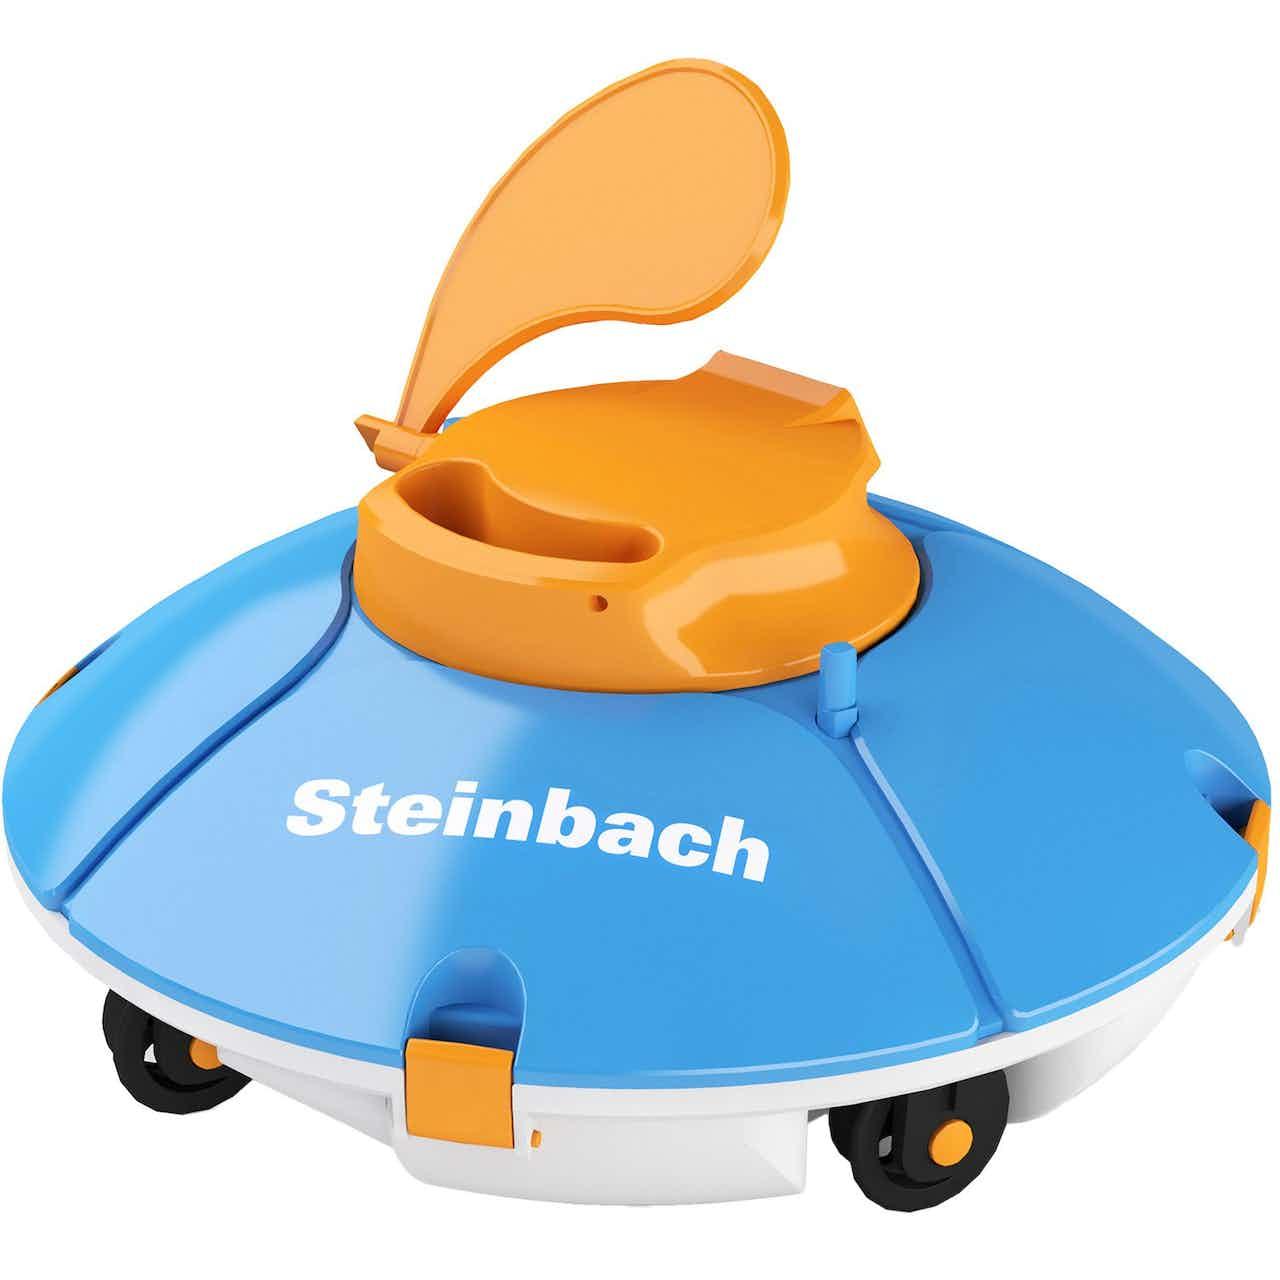 Steinbach Poolsauger Runner Akku Basic Kunststoff 33 x 33 x 16 cm